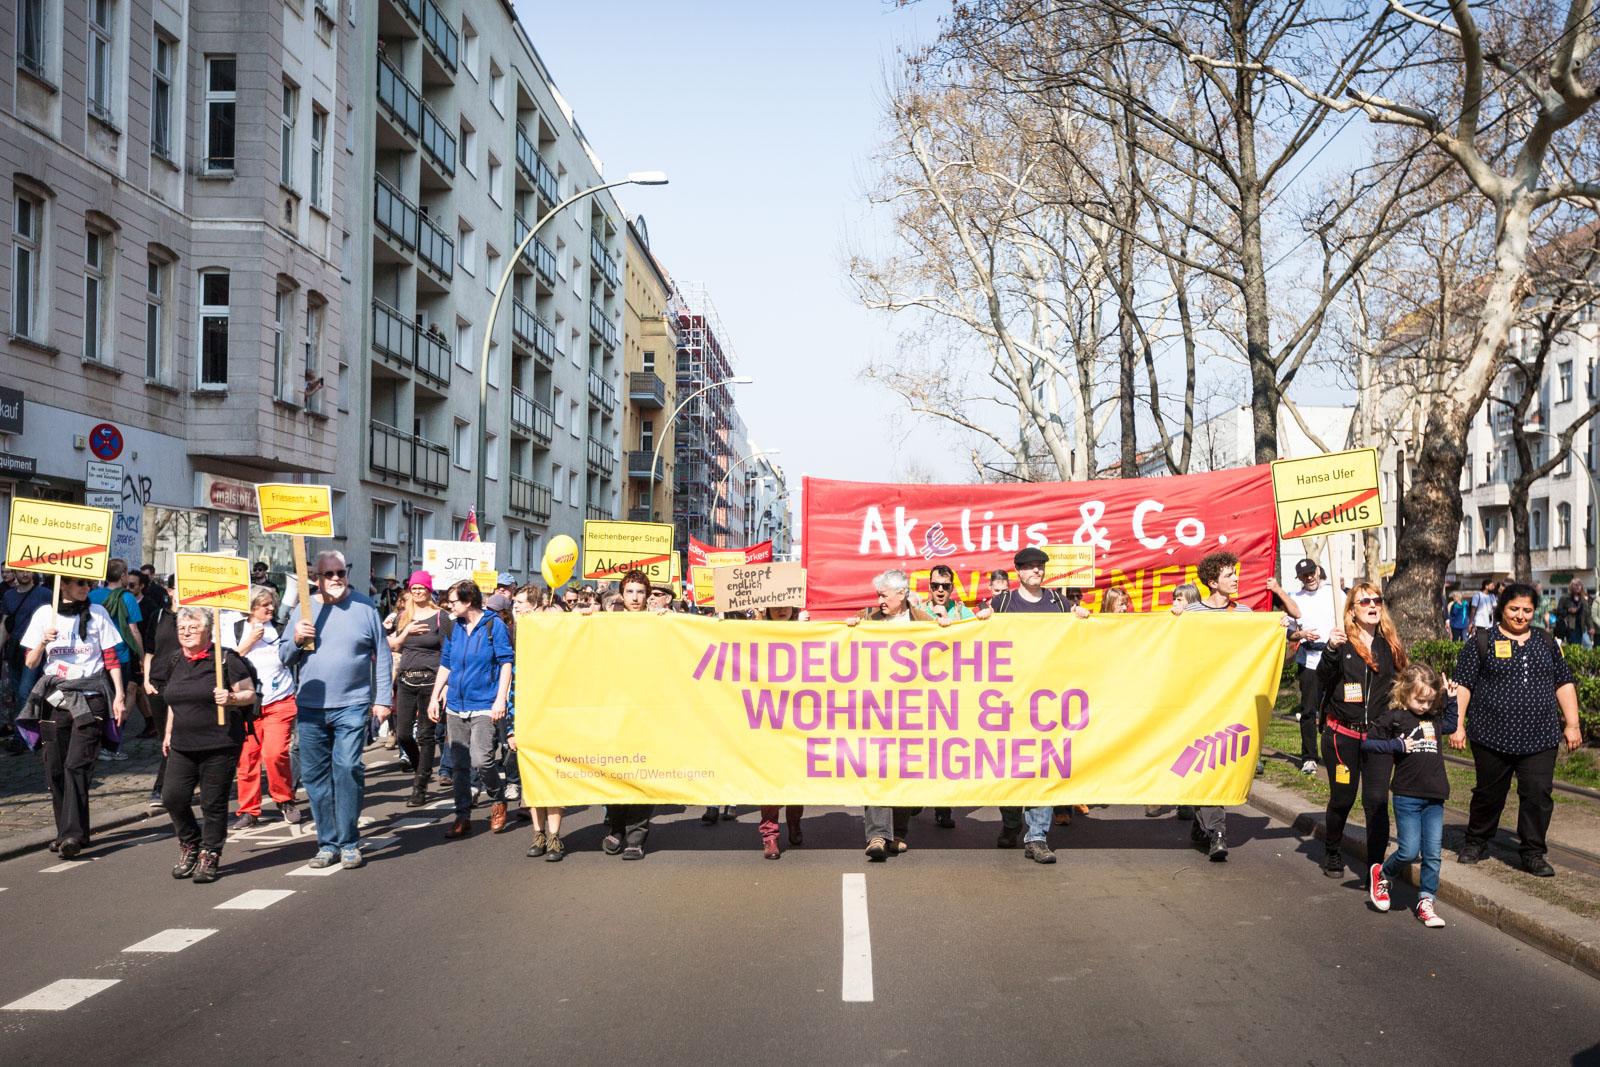 Deutsche Wohnen & Co Enteignen — O CO CHODZI?